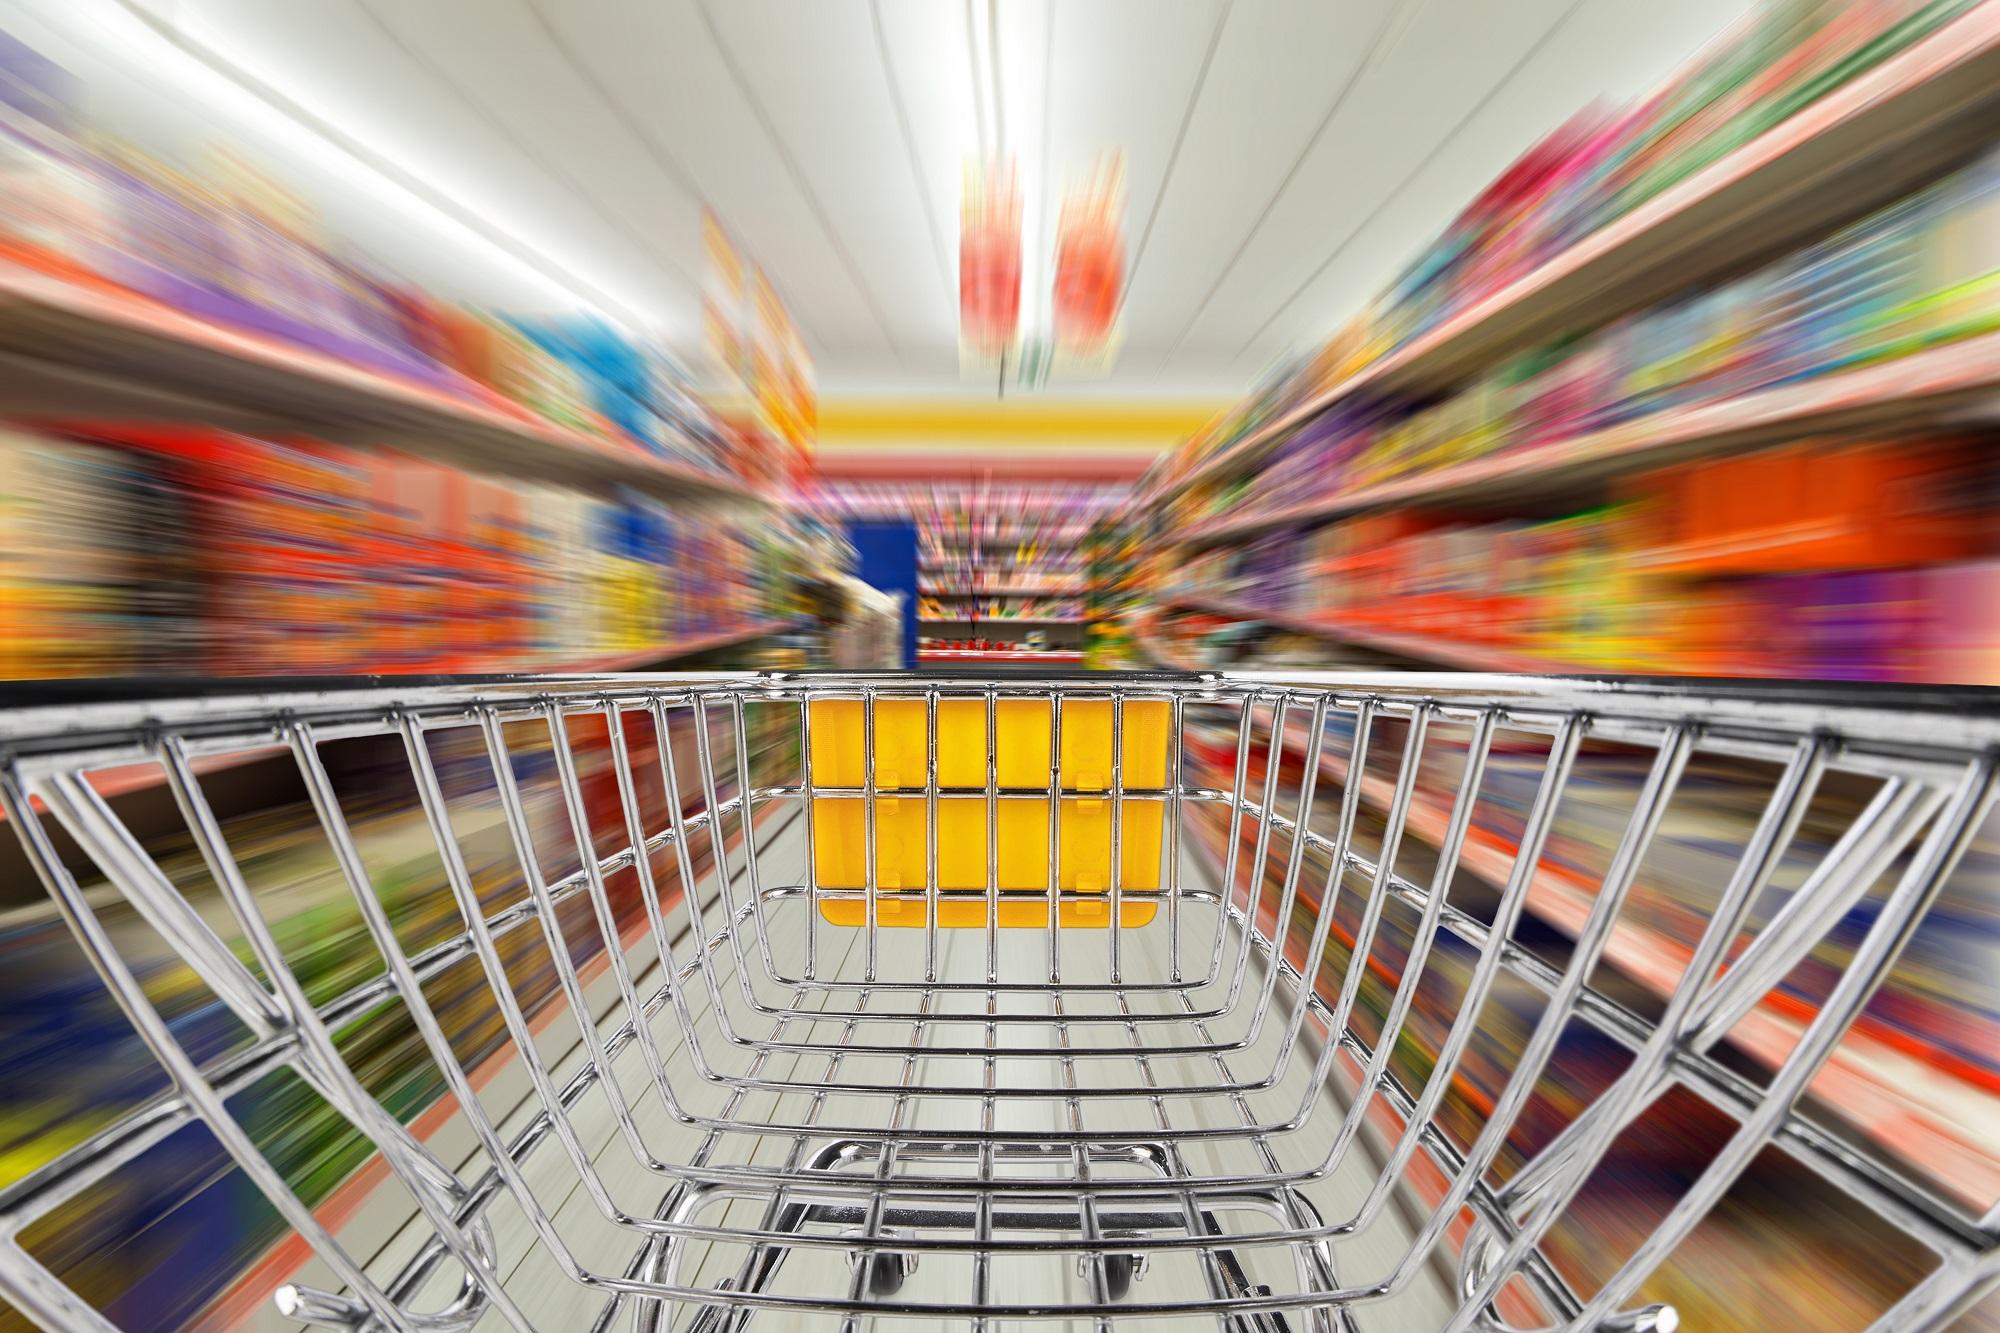 Konsum im Supermarkt.